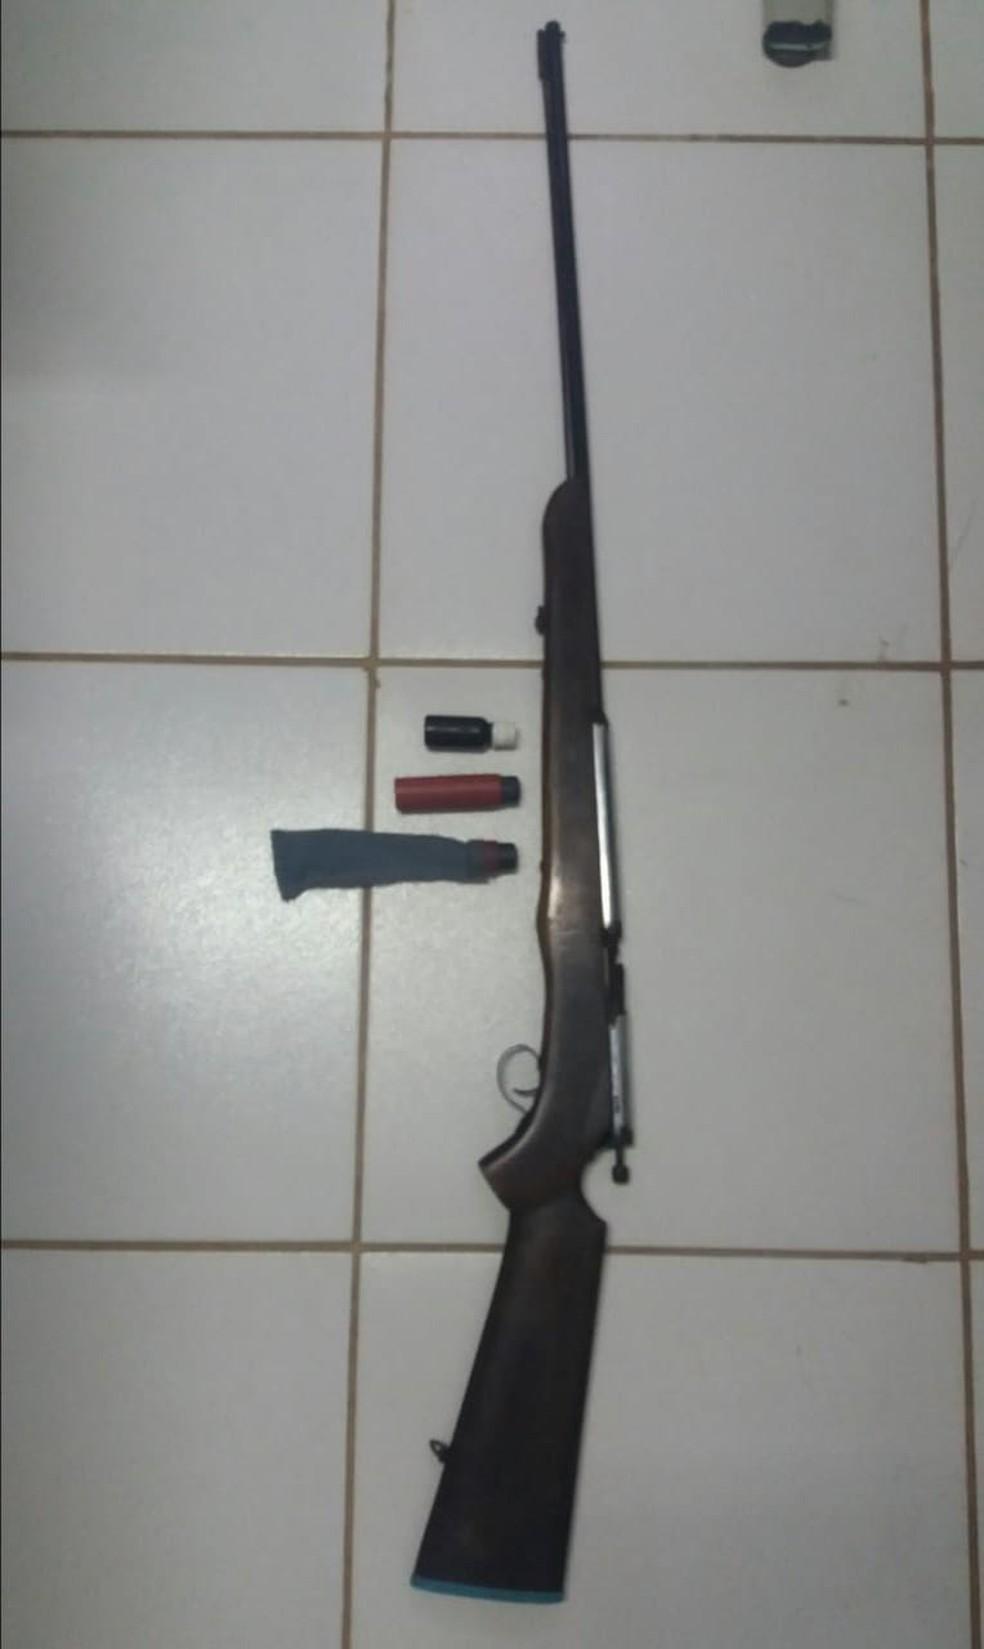 Com Pedro, a polícia apreendeu uma espigarda e munição — Foto: Divulgação/Polícia Civil